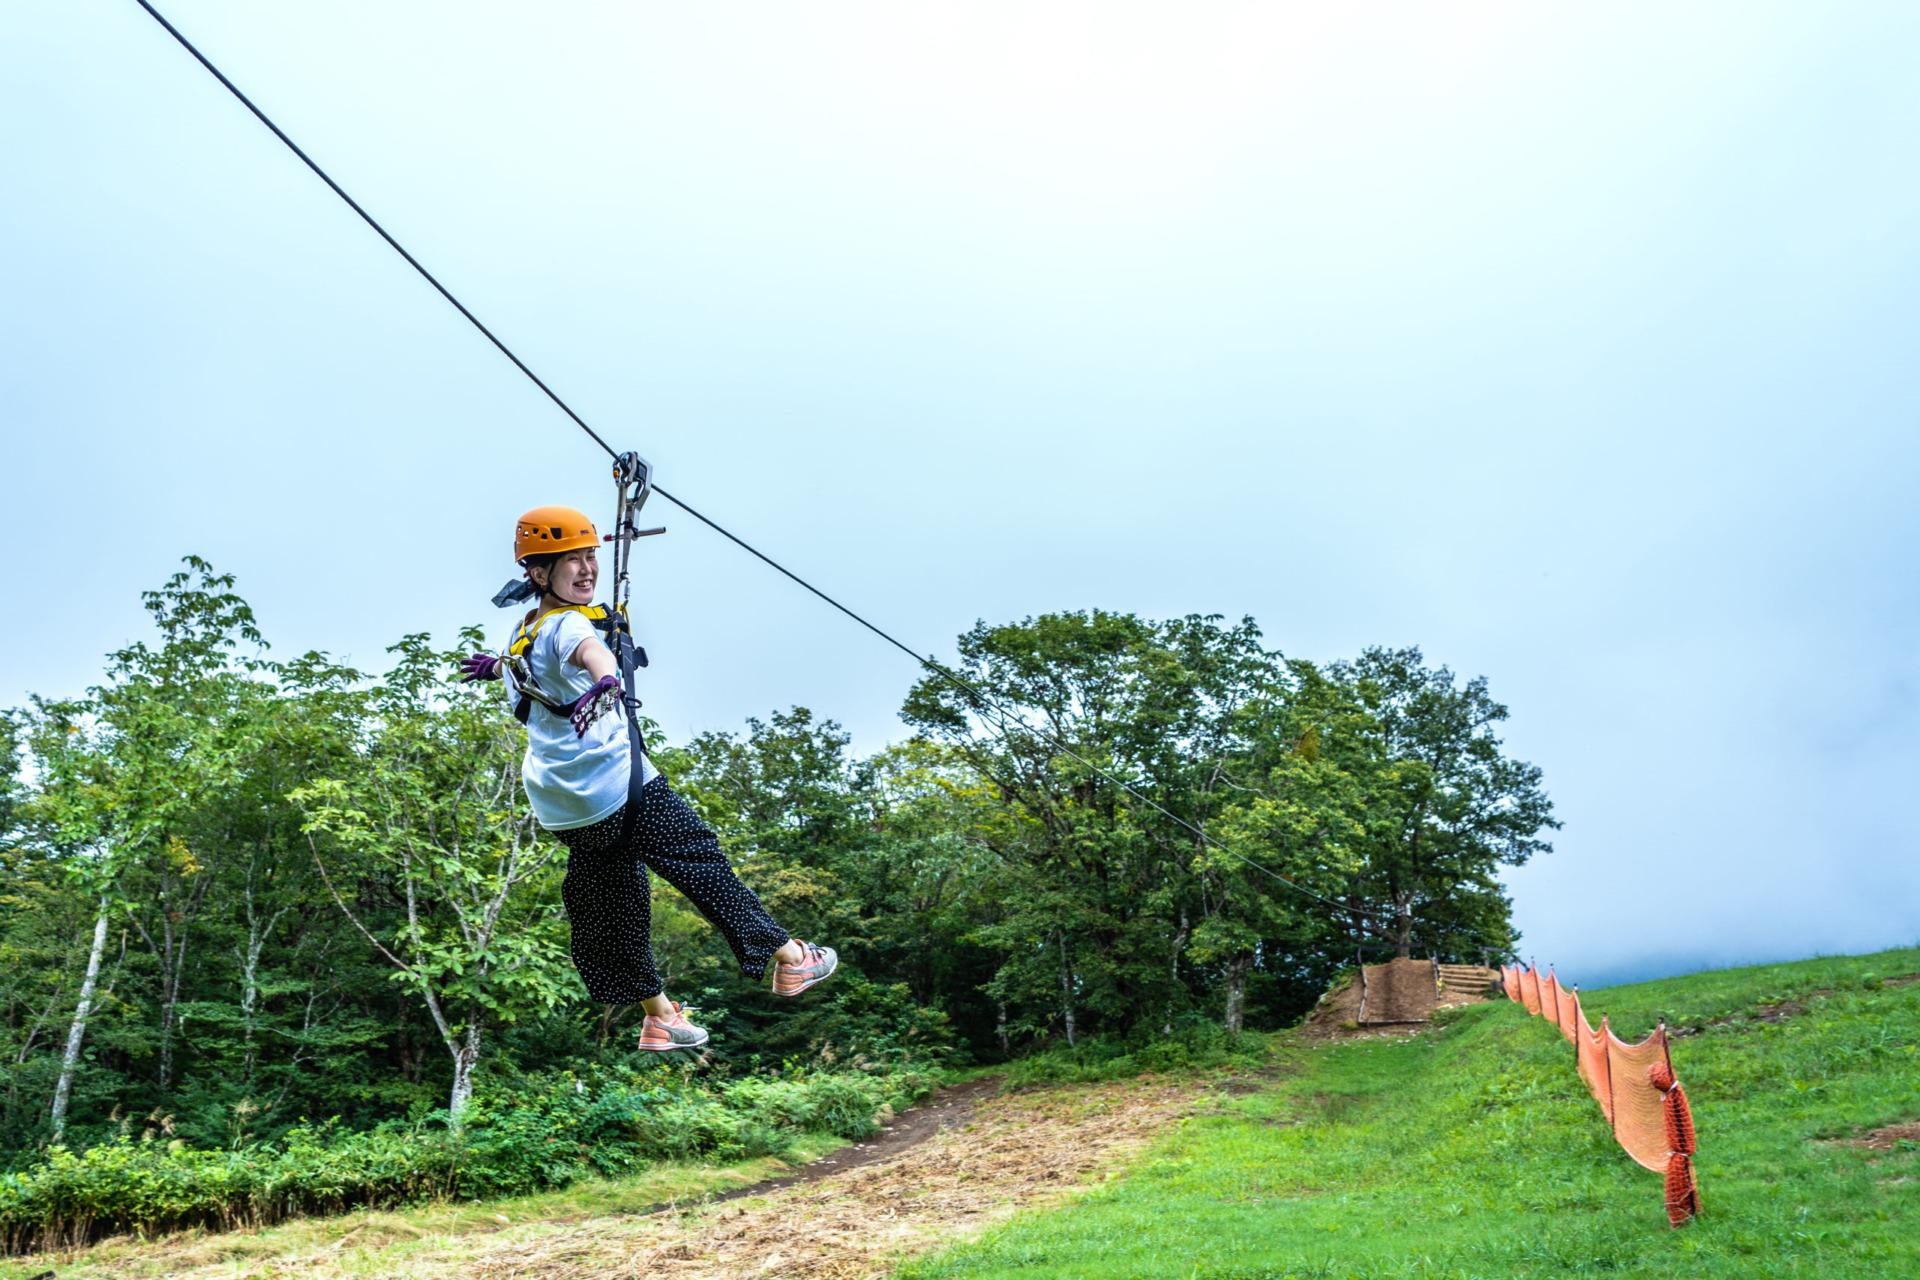 夏のスキー場で鳥になる!?「ひるがの高原スキー場」 で「ジップライン」体験